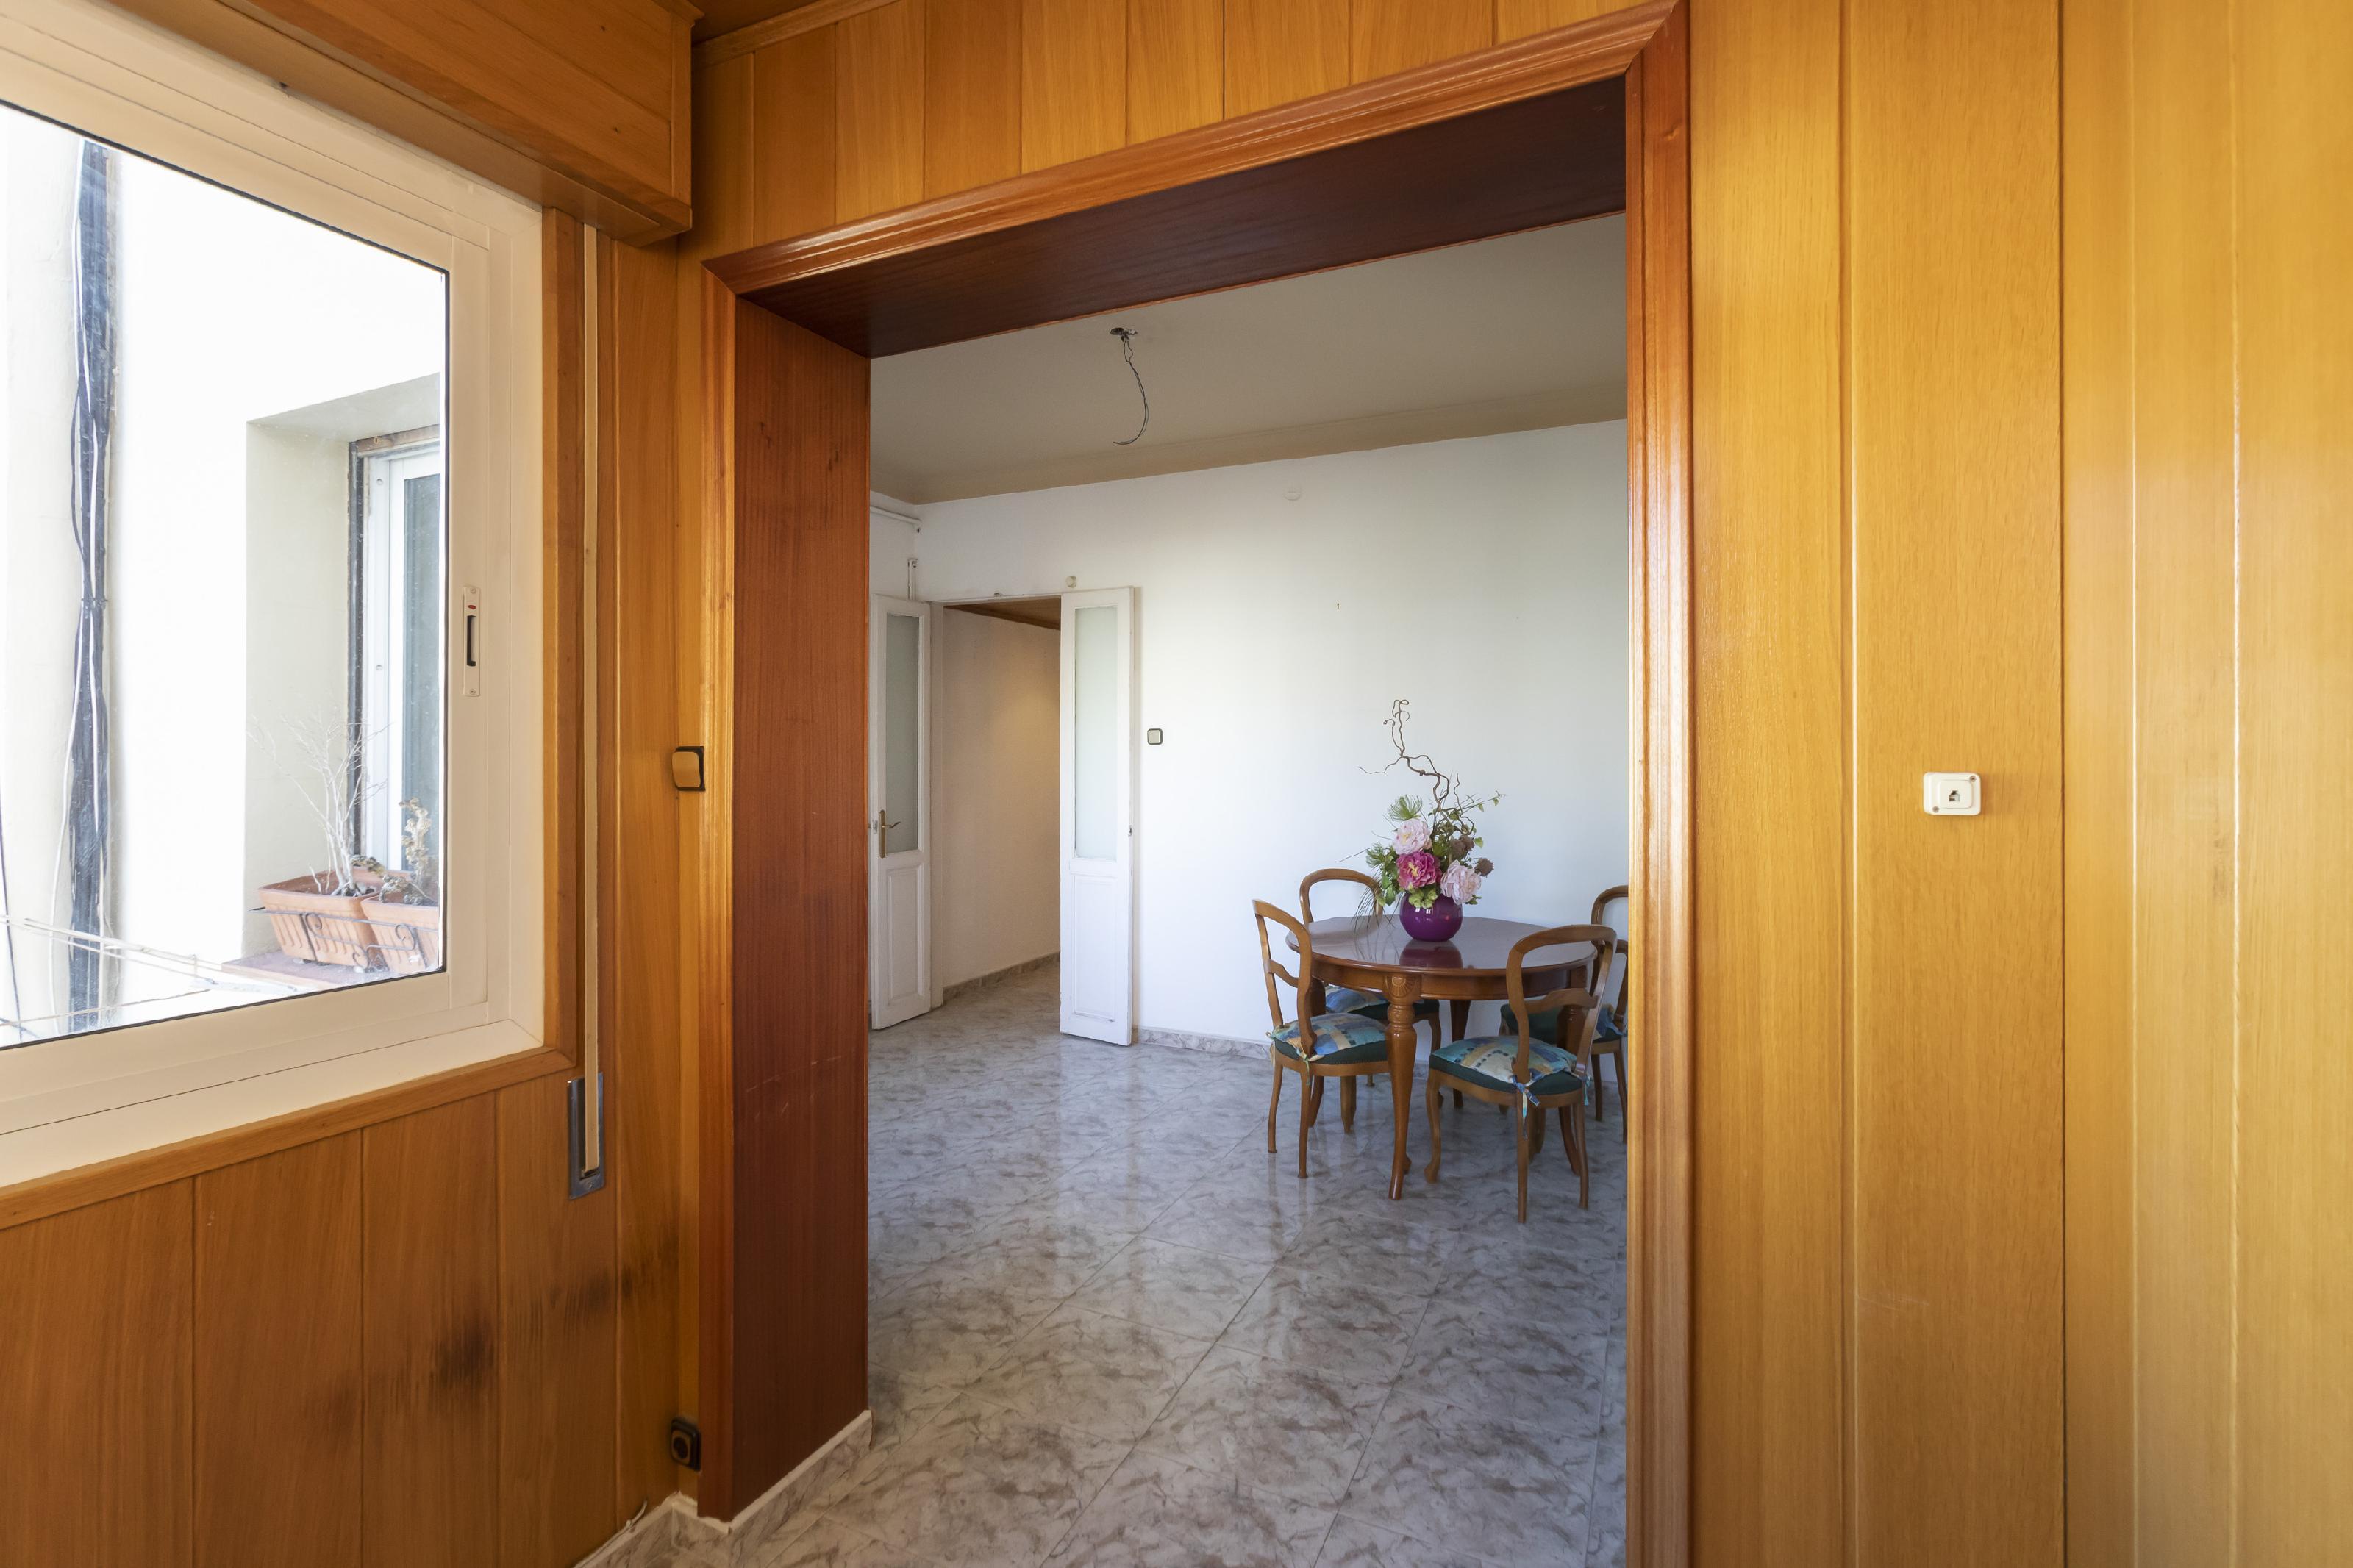 249361 Flat for sale in Eixample, Antiga Esquerre Eixample 10